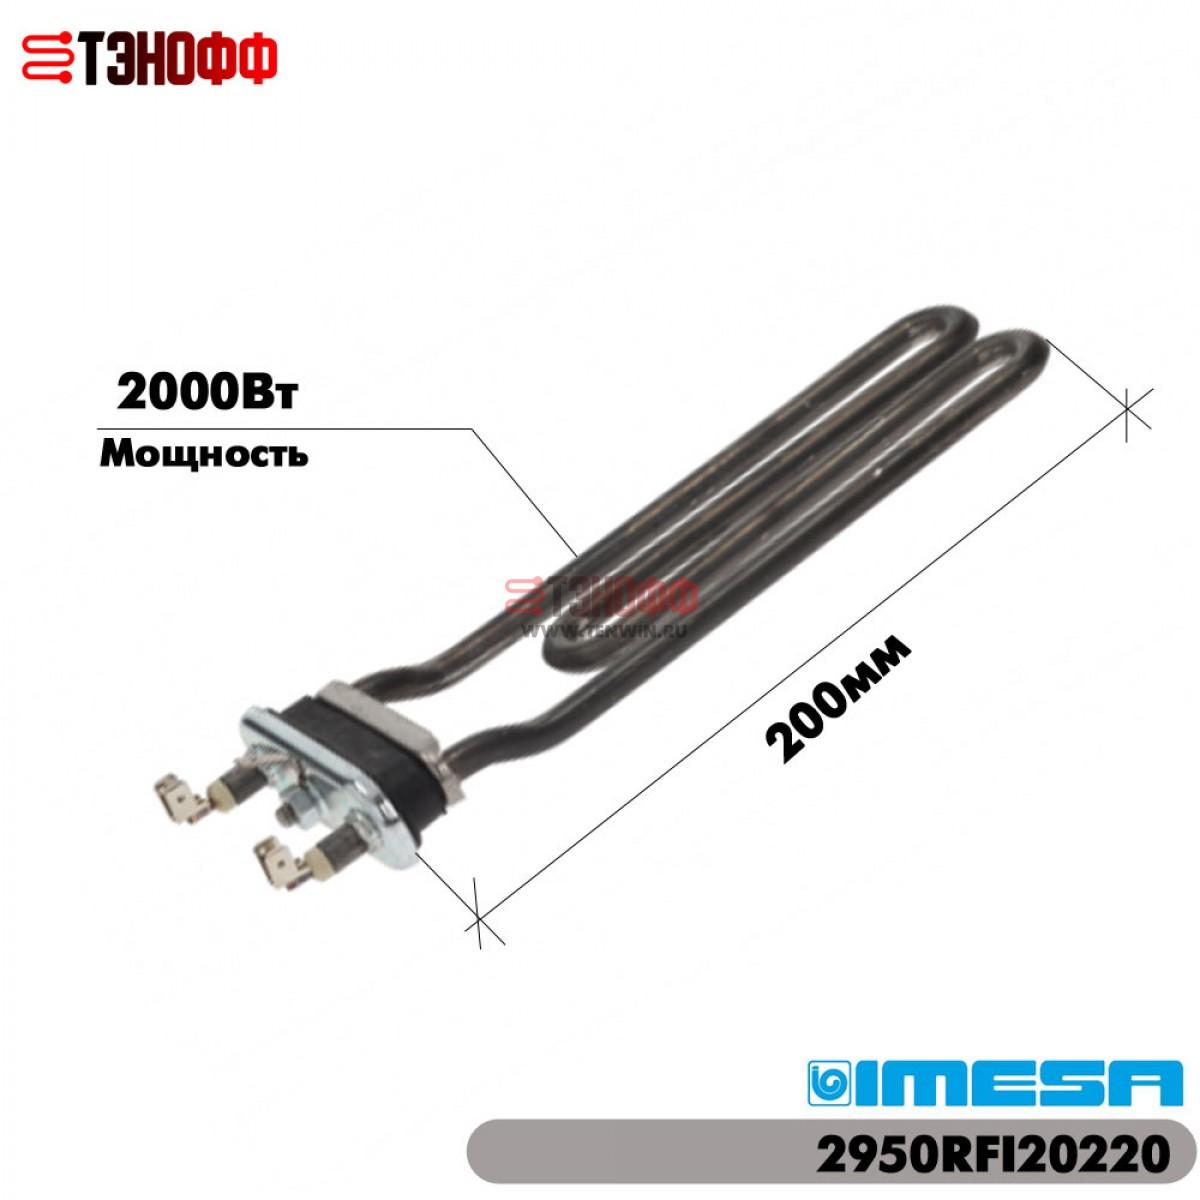 ТЭН 2000Вт 2950RFI20220 - стиральной машины Imesa (200мм)